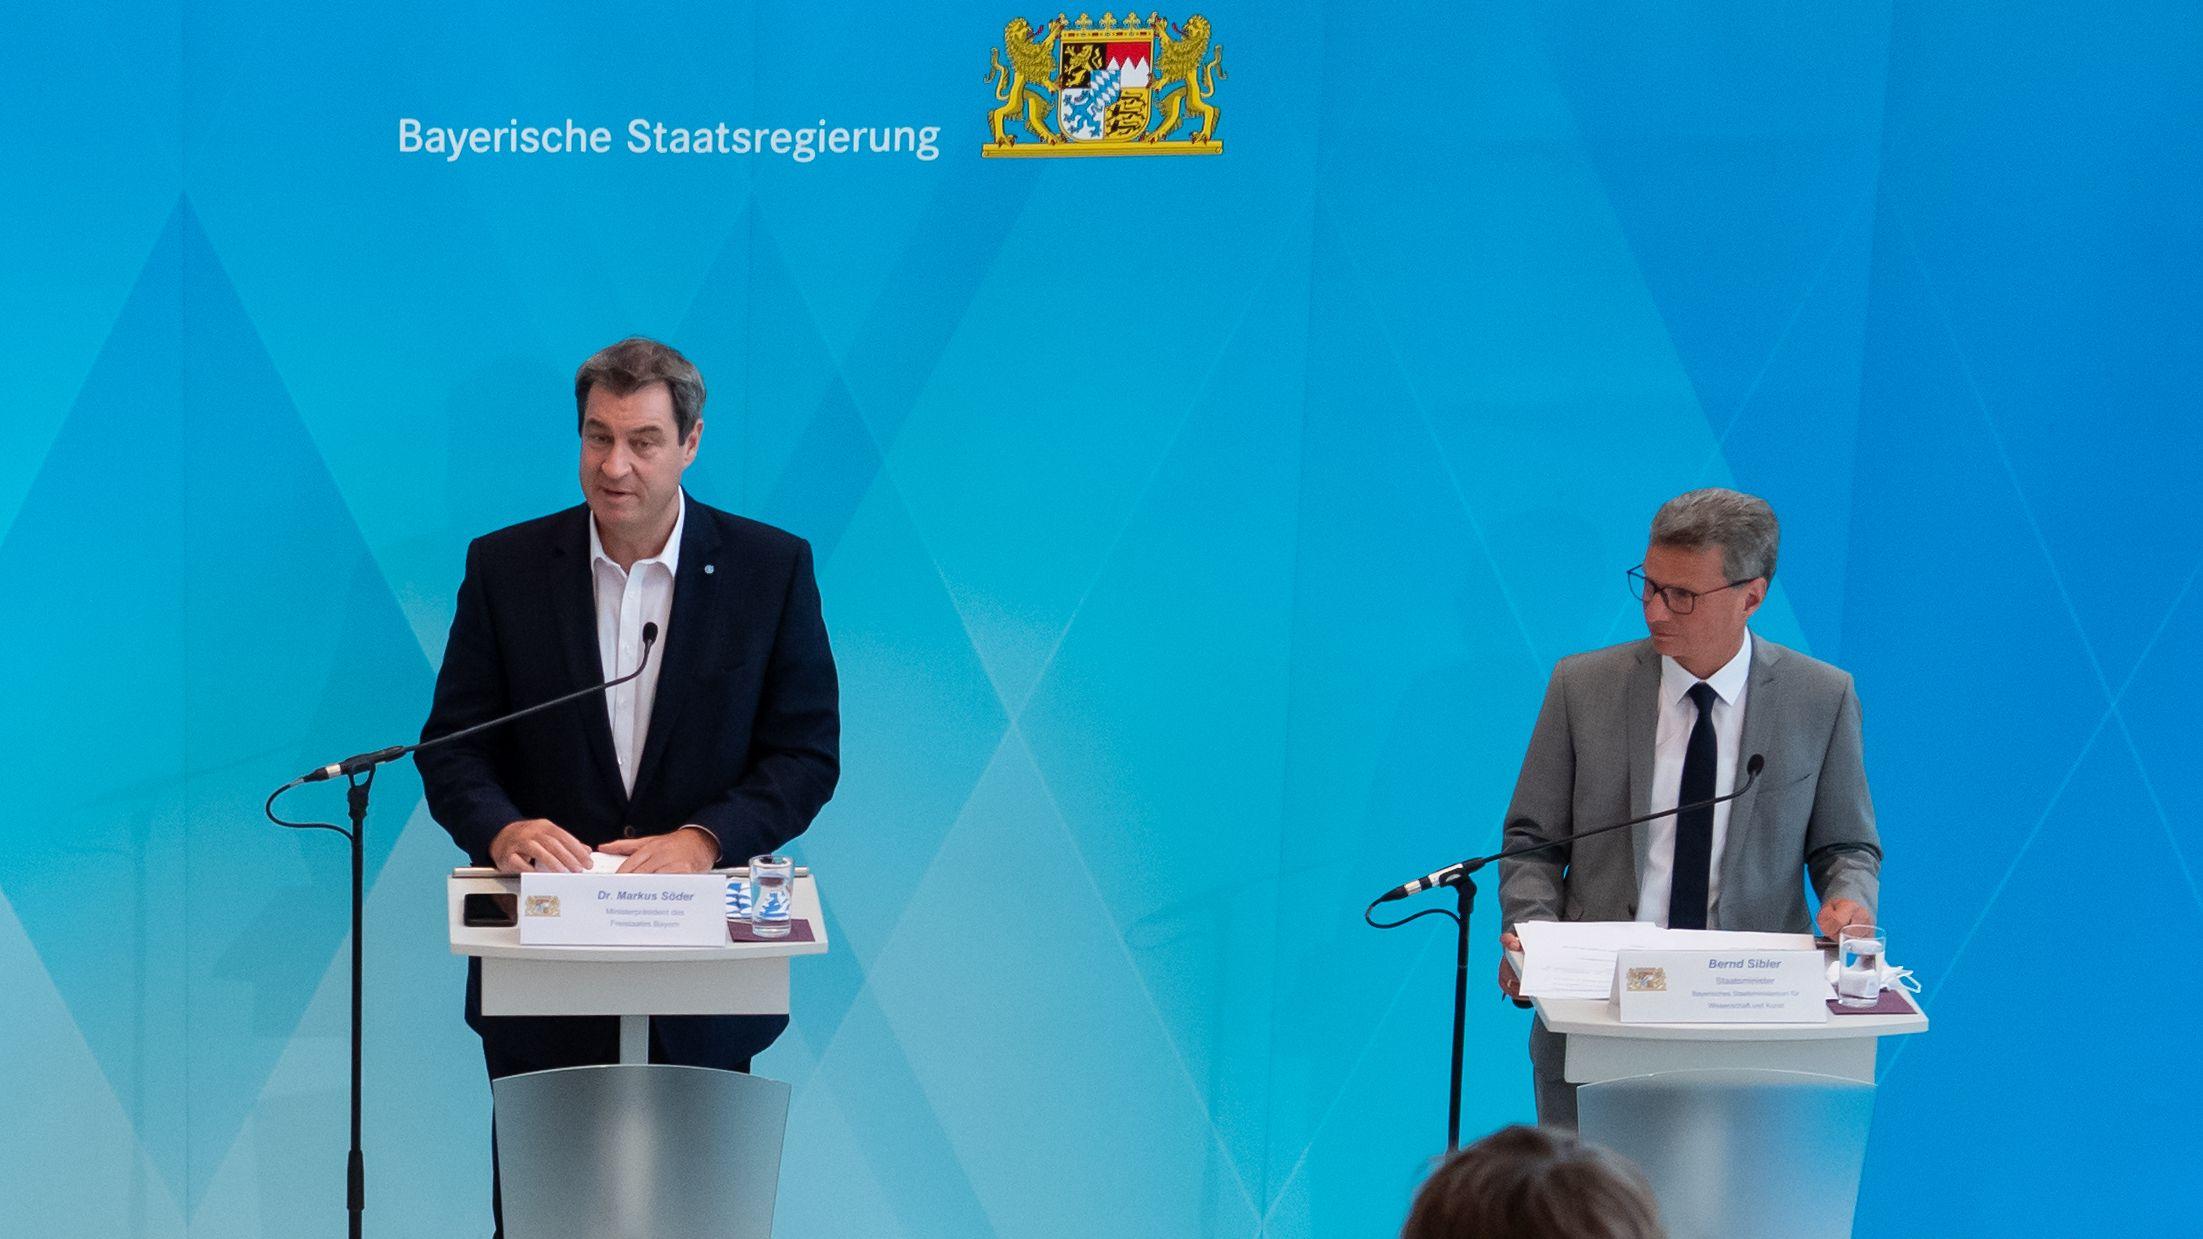 Bayerns Ministerpräsident Söder (l.) und Wissenschaftsminister Sibler (r.) bei einer Pressekonferenz am 06.07.20